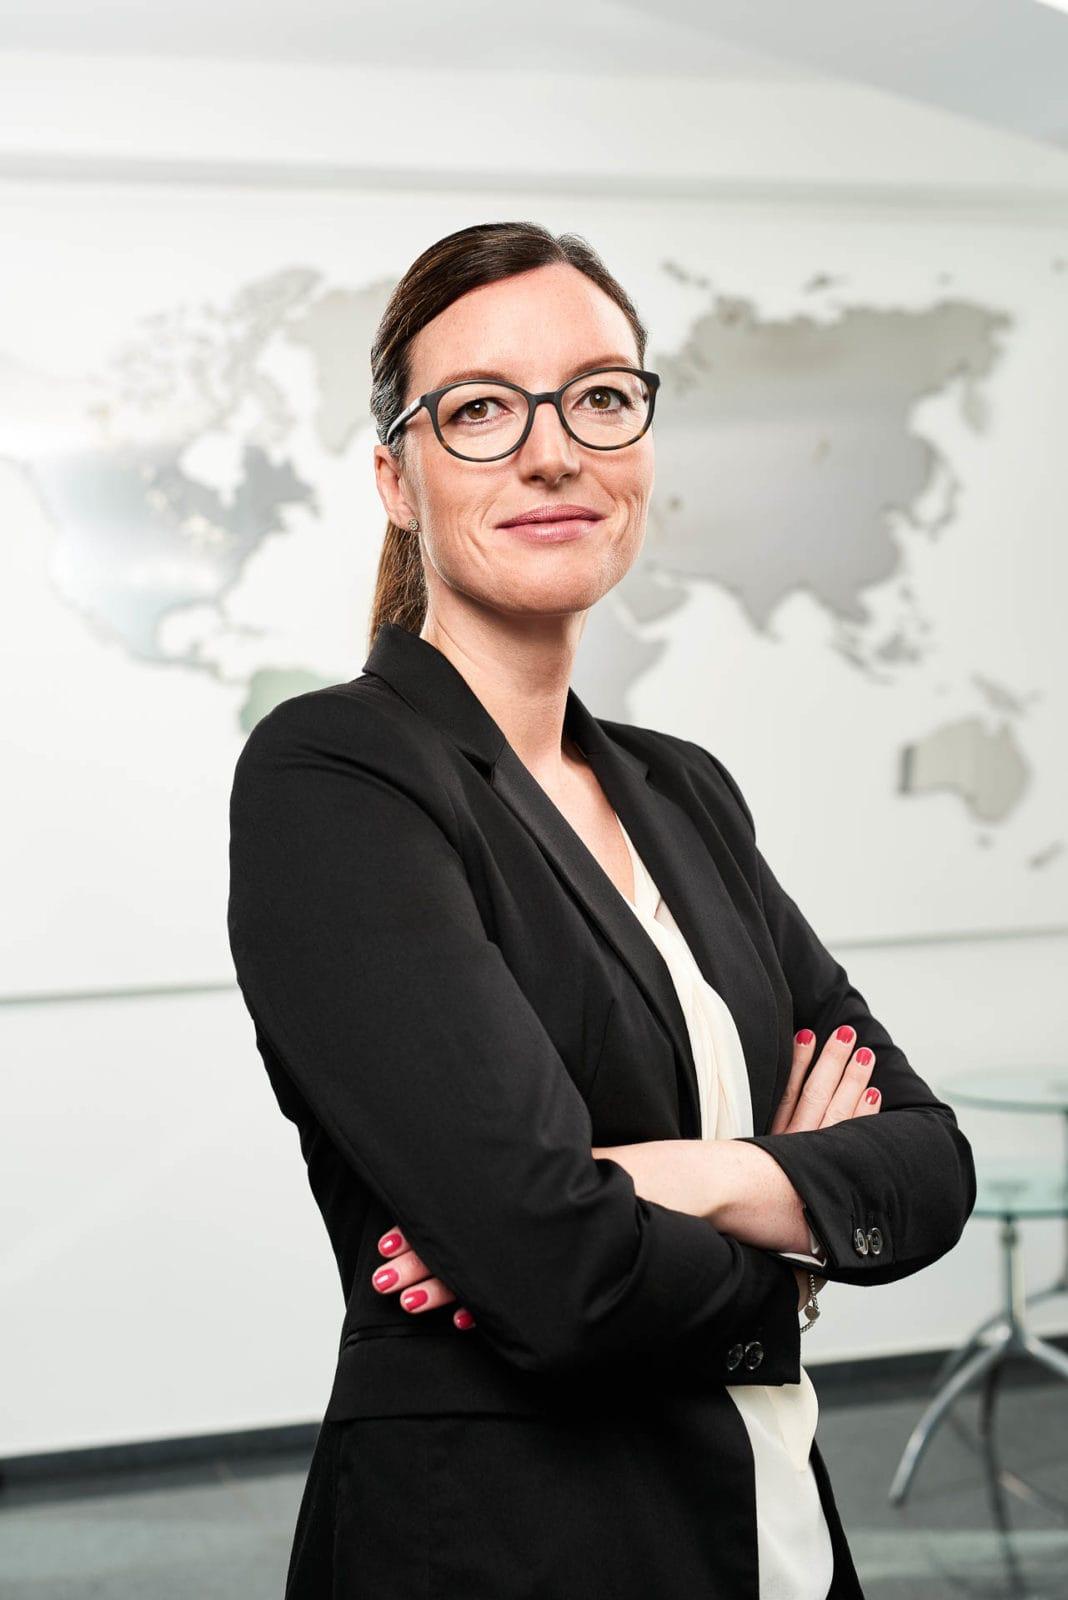 Headshot Corporate Portrait für den Kunden HARPEN IMMOBILIEN in Dortmund inkl. professioneller Freistellung und Postproduction / Retouching